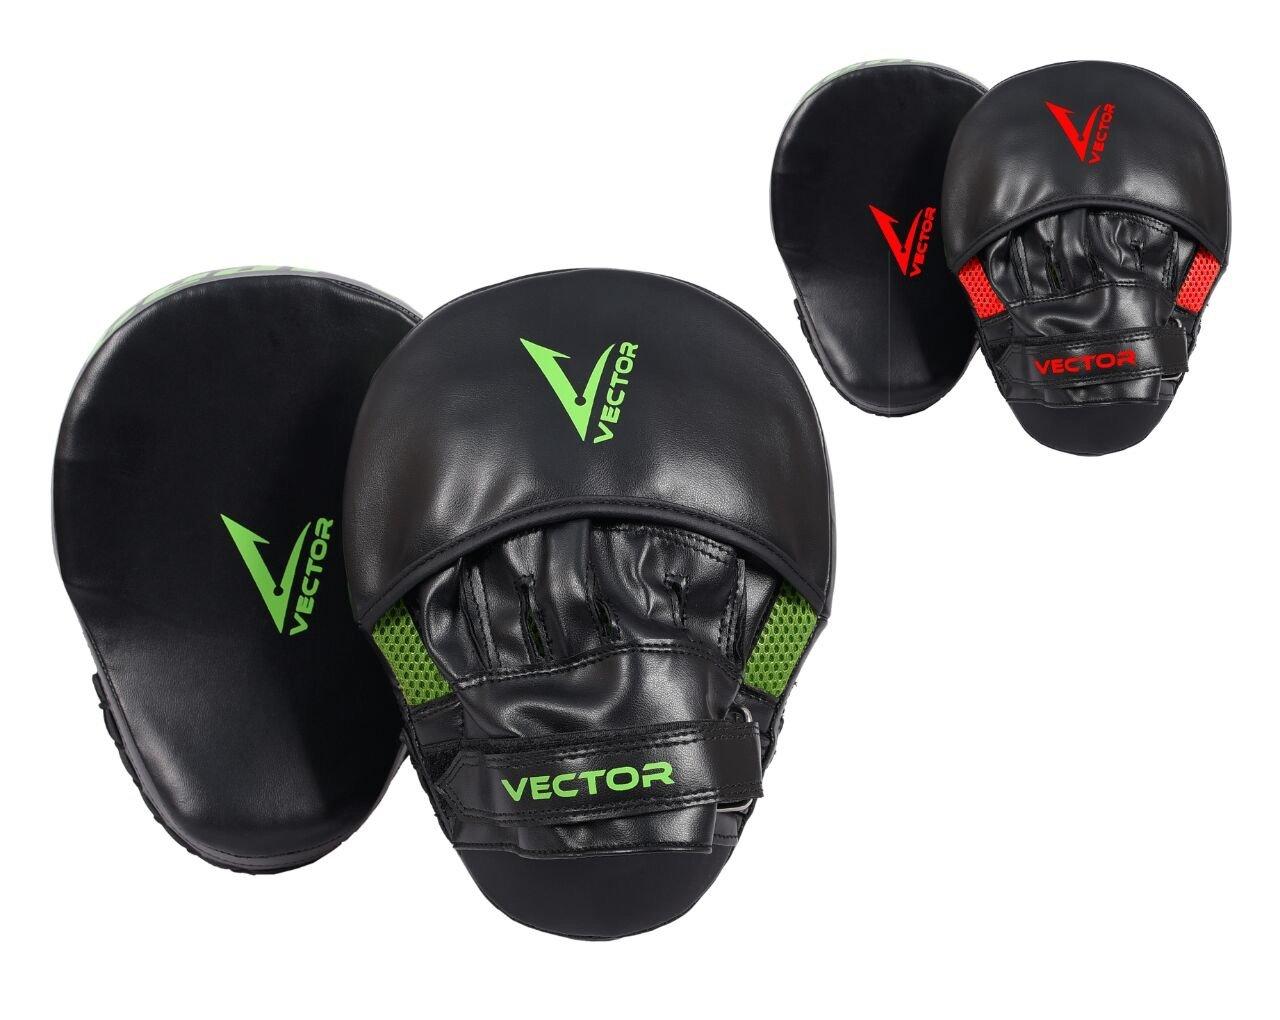 par Vector Deportes Maya Ocultar Cuero Boxeo Focus almohadillas MMA boxeo almohadillas kickboxing guantes de entrenamiento con mu/ñequera